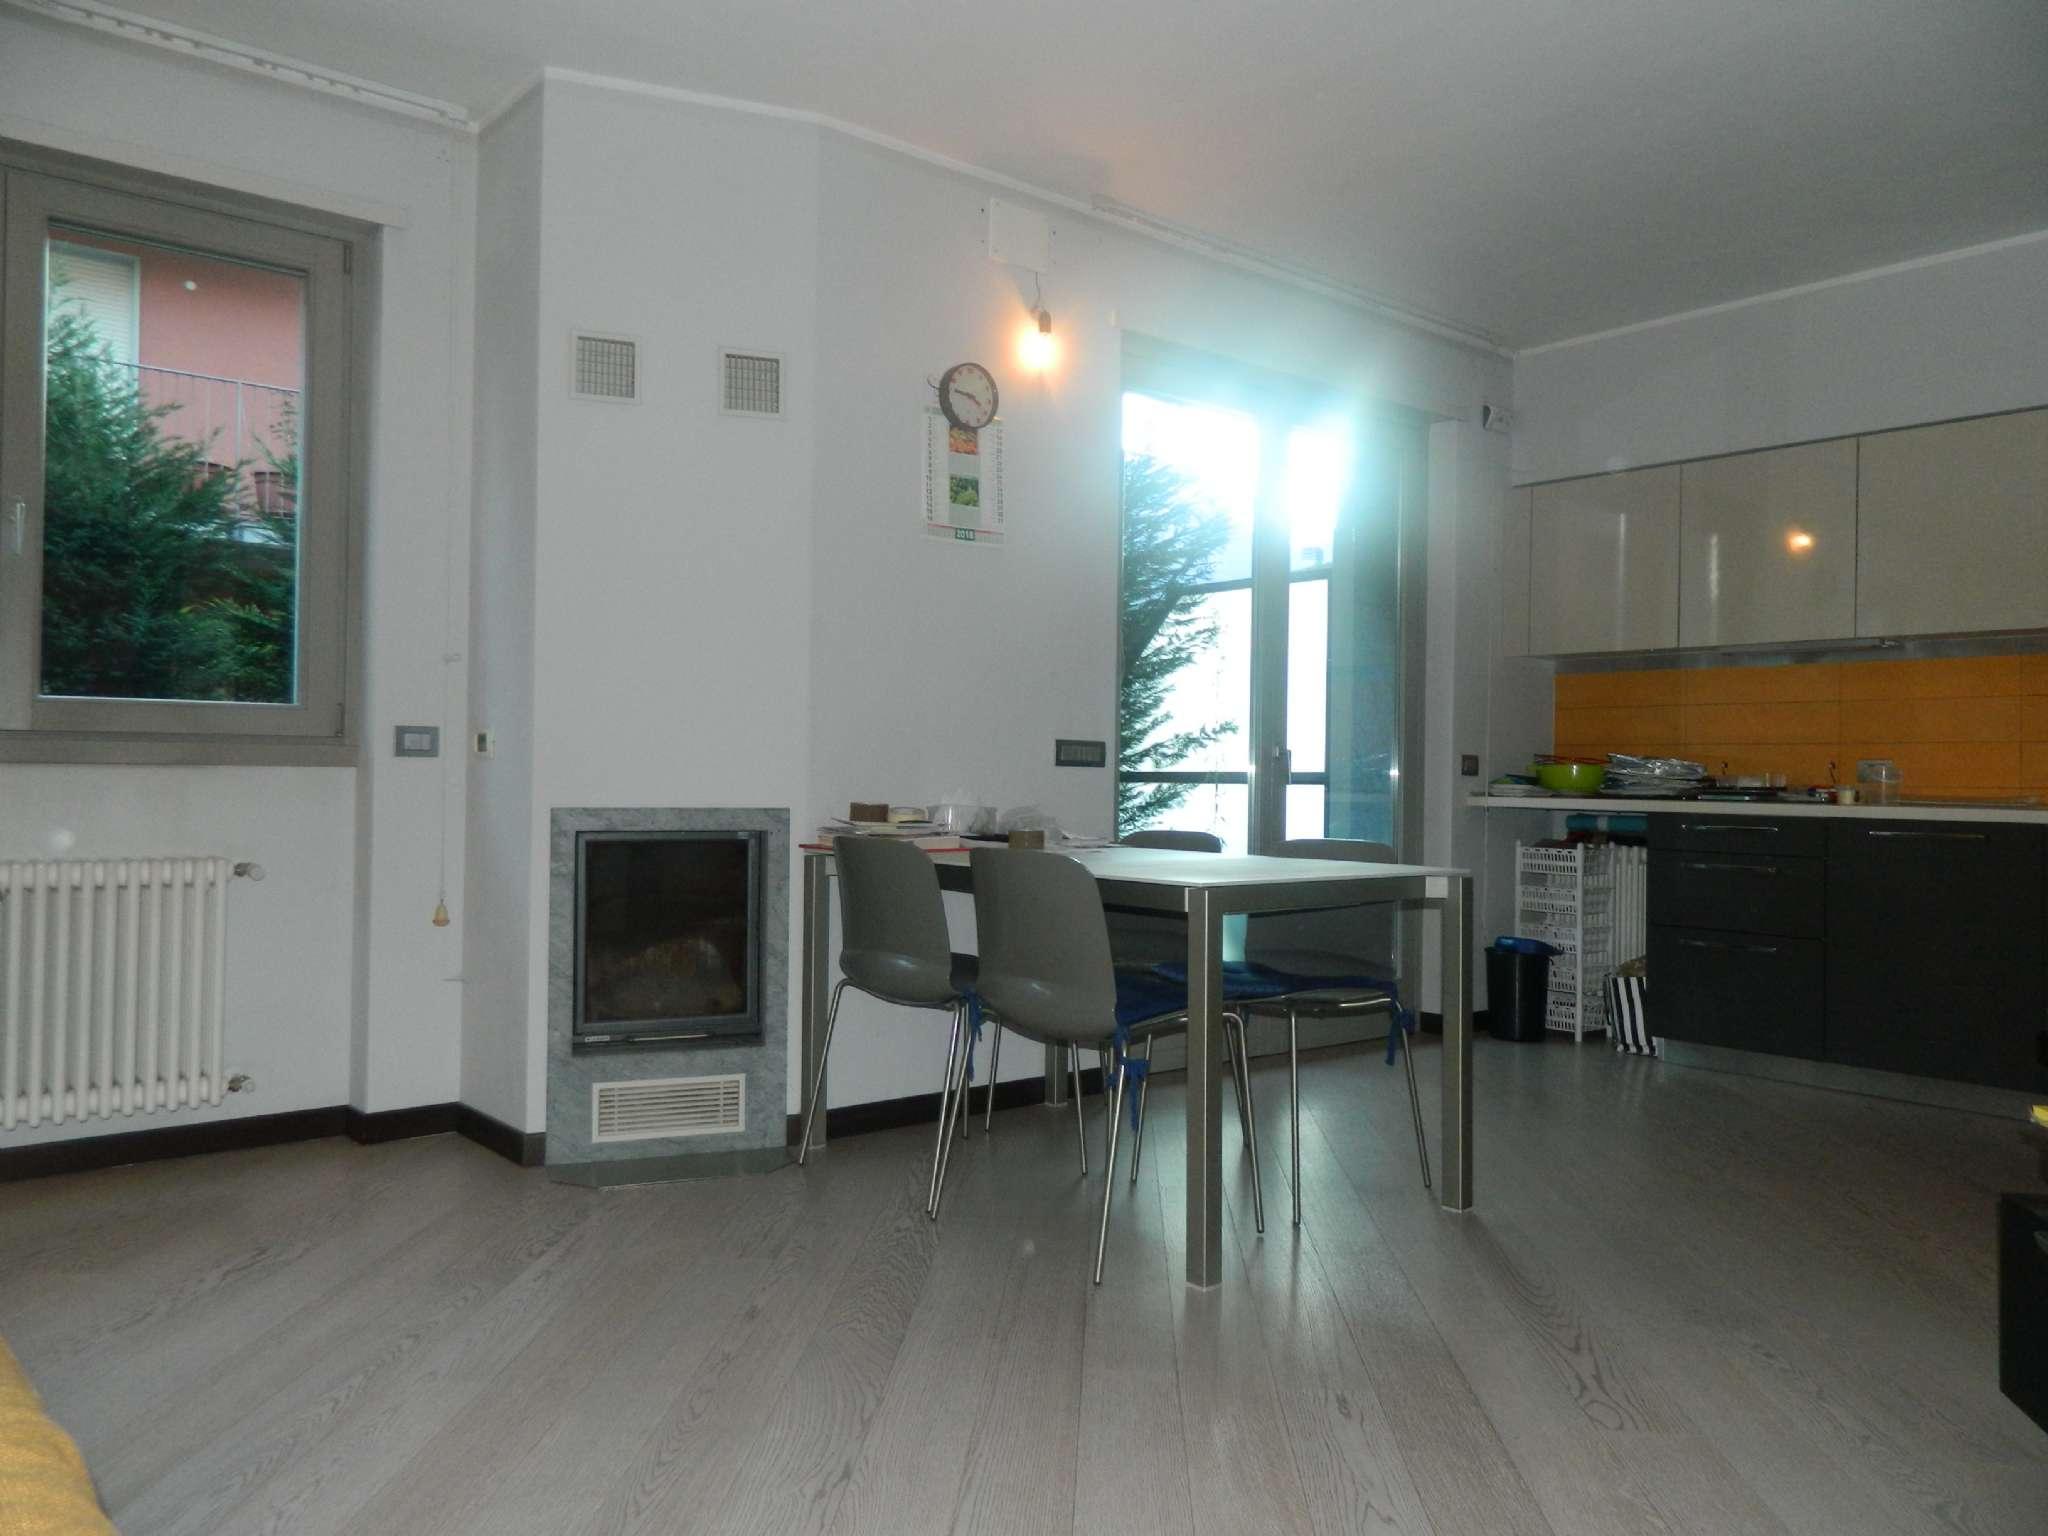 Appartamento in vendita a Montagna in Valtellina, 2 locali, prezzo € 140.000 | CambioCasa.it